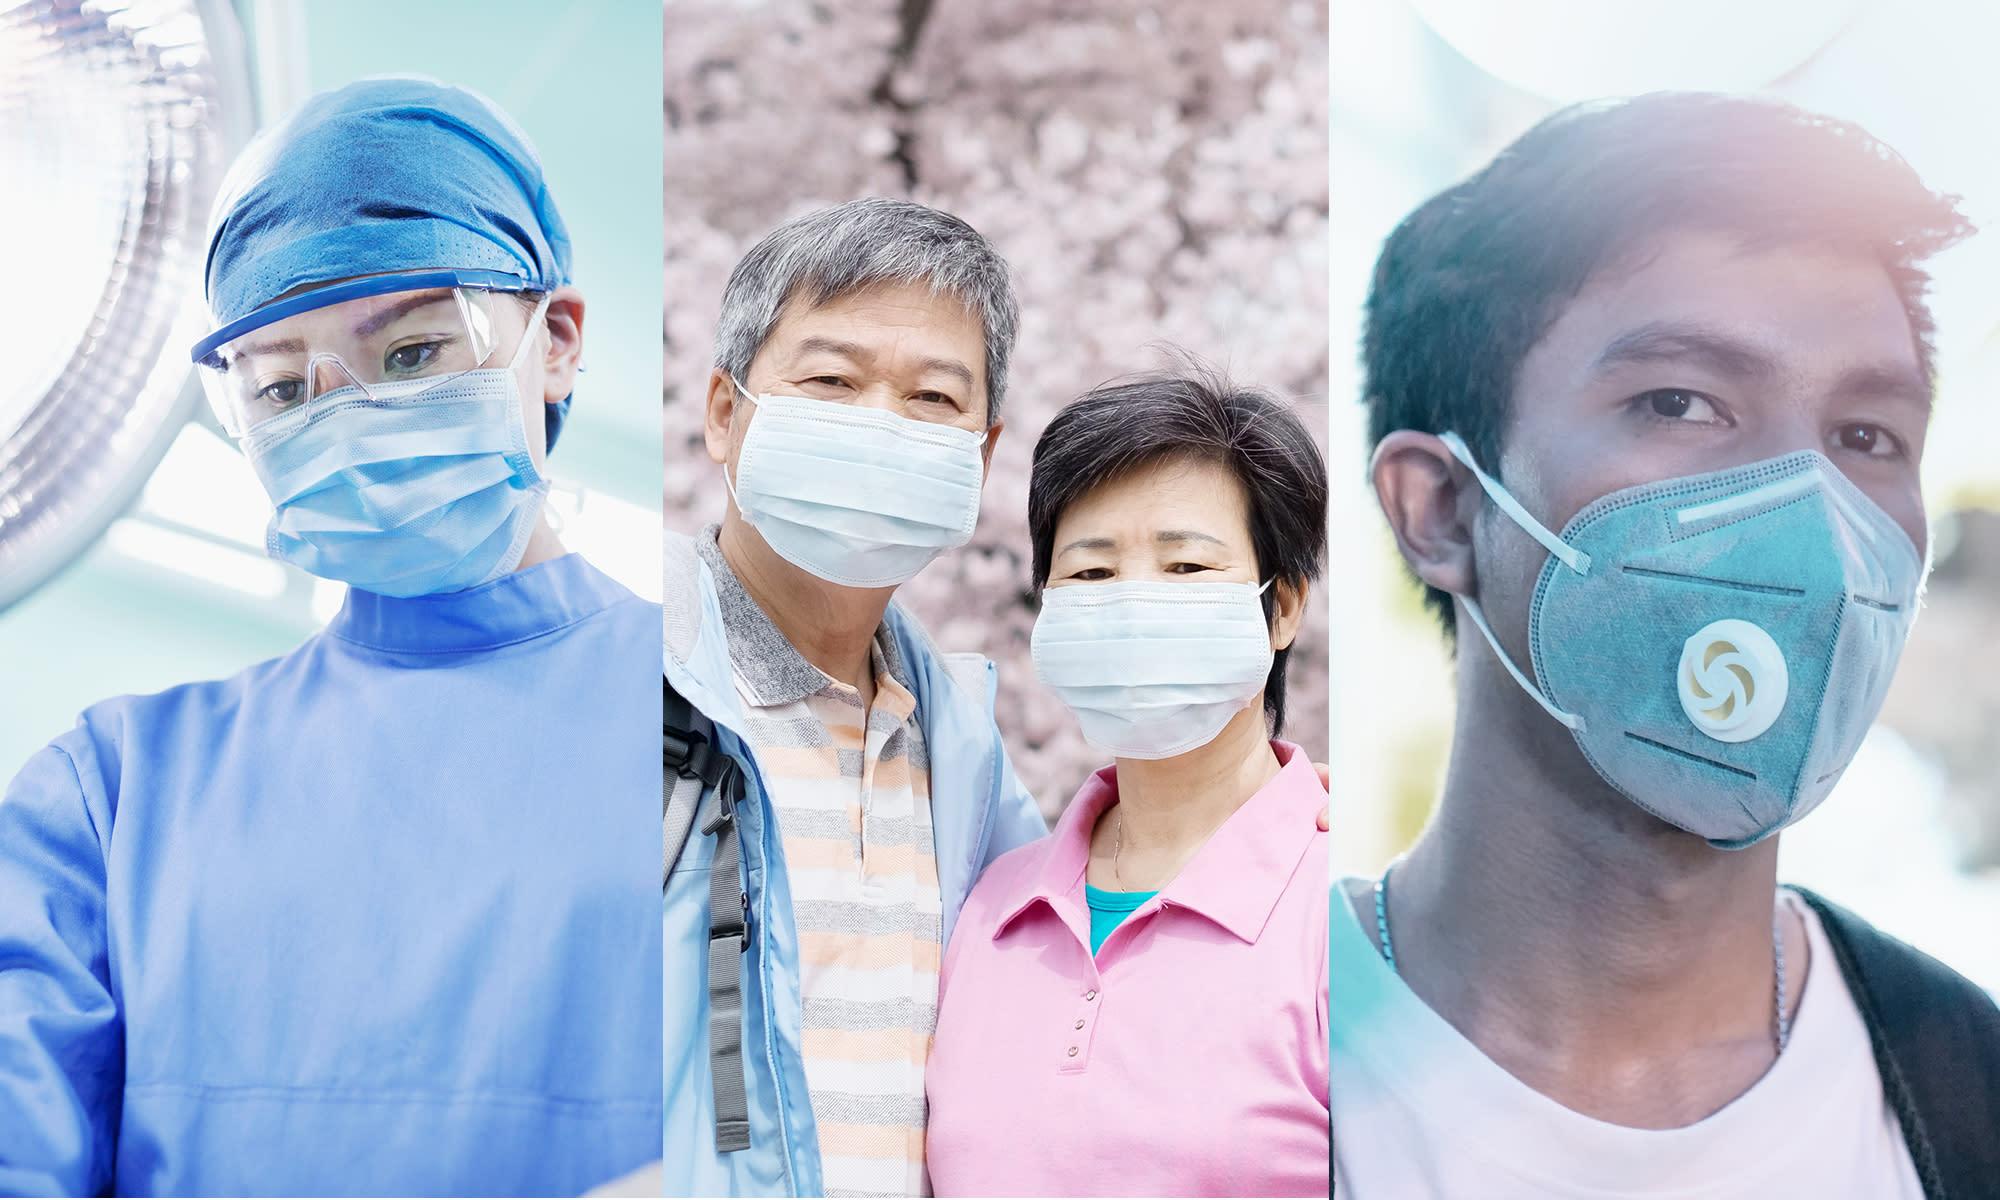 【Dr Chiu 抗疫解碼】一起破解口罩迷思